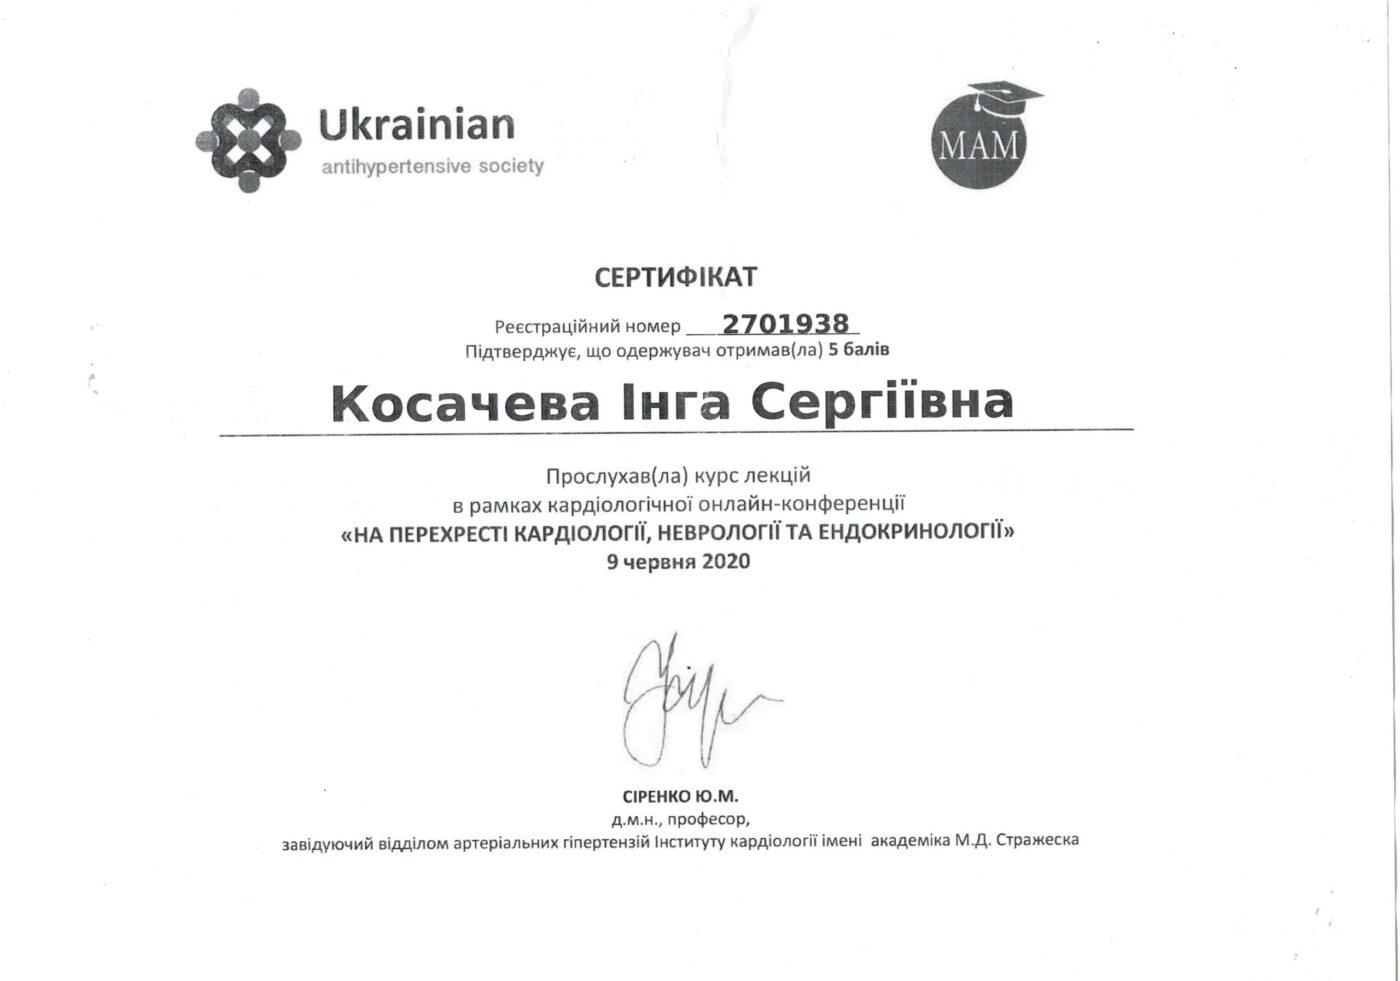 Сертификат подтверждающий участие Косачевой Инги в кардиологической онлайн конференции